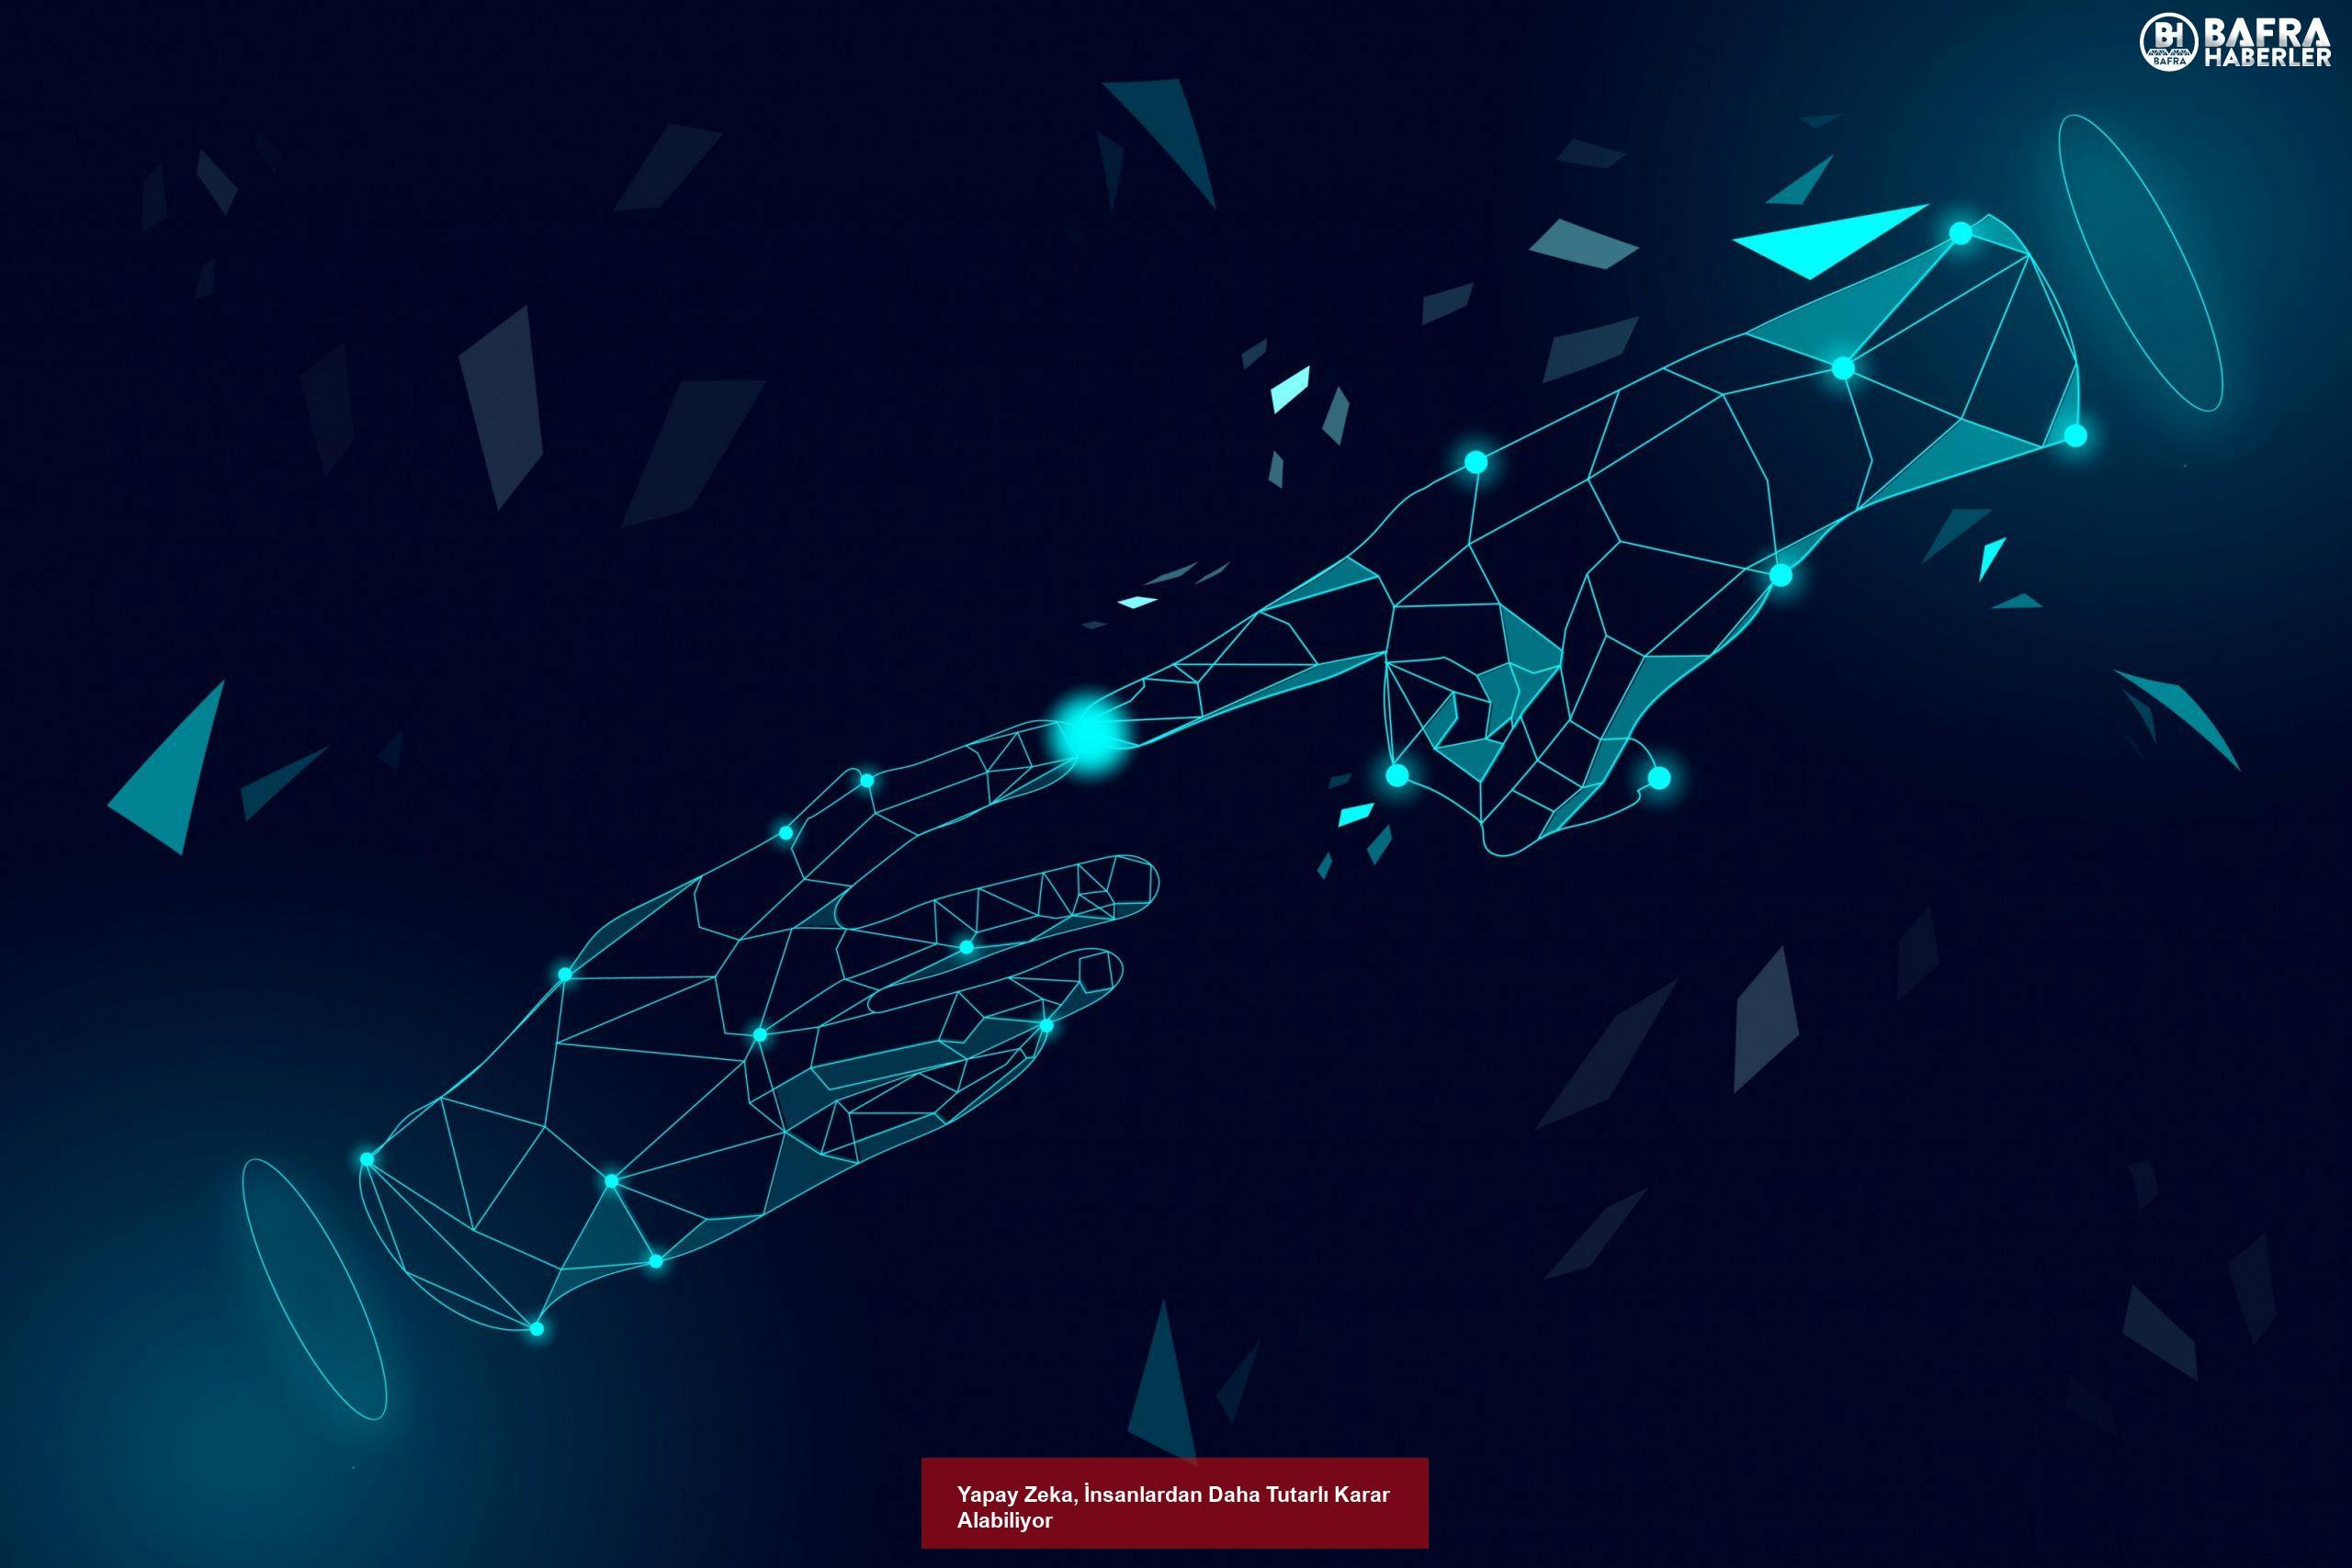 yapay zeka, i̇nsanlardan daha tutarlı karar alabiliyor 3